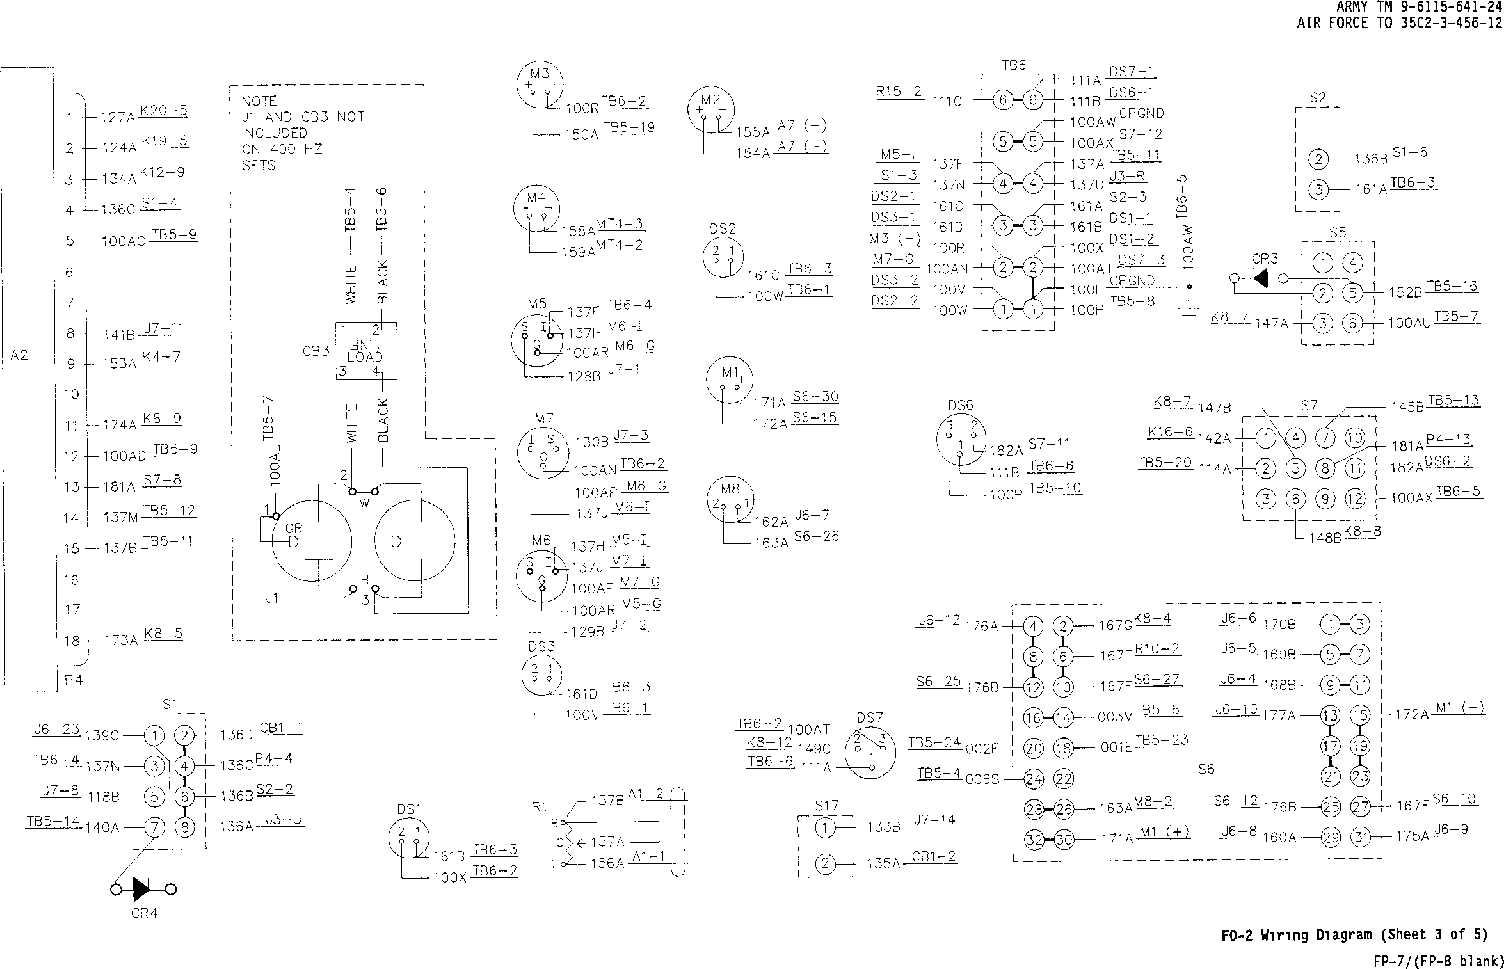 inverter output wiring diagram #10 Dishwasher Parts Diagram inverter output wiring diagram